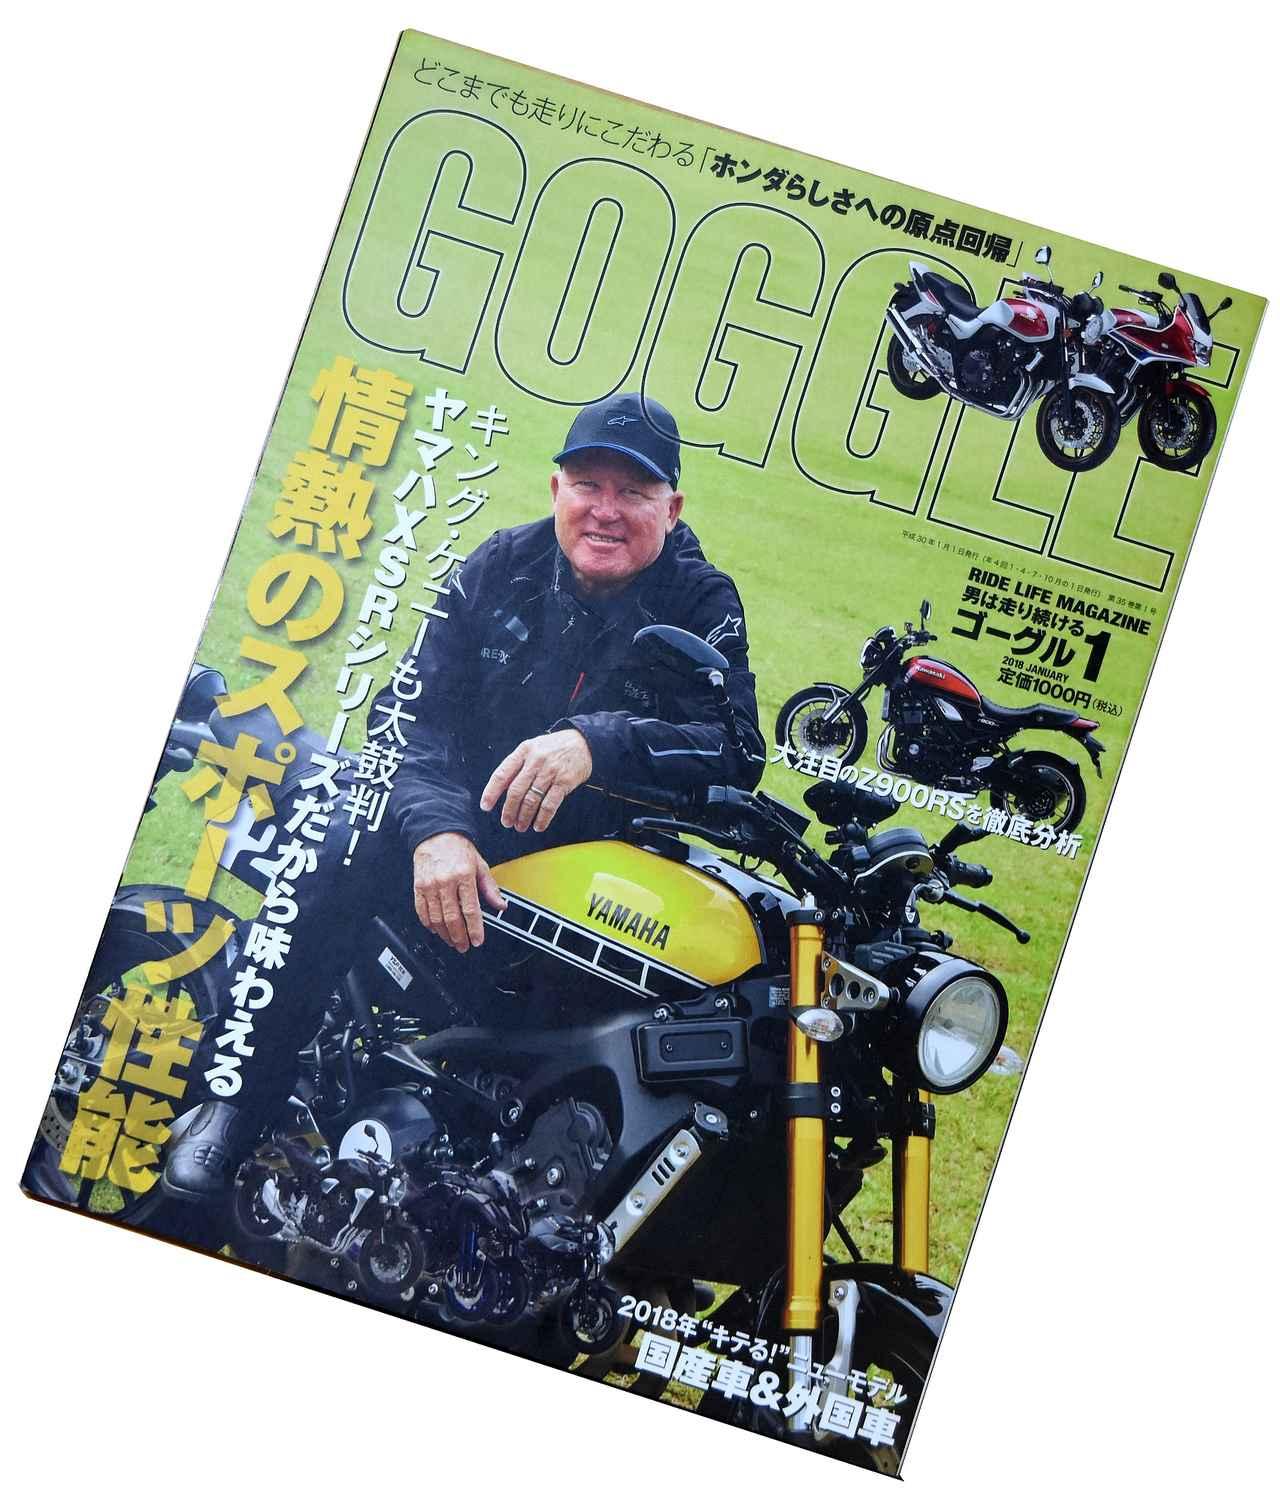 画像: ケニーさんに(ちょっとだけ)褒められたGOGGLE2018年01月号です モーターマガジン社にちょっとバックナンバー、用意してあります^^ → http://www.motormagazine.co.jp/shop/products/detail.php?product_id=888